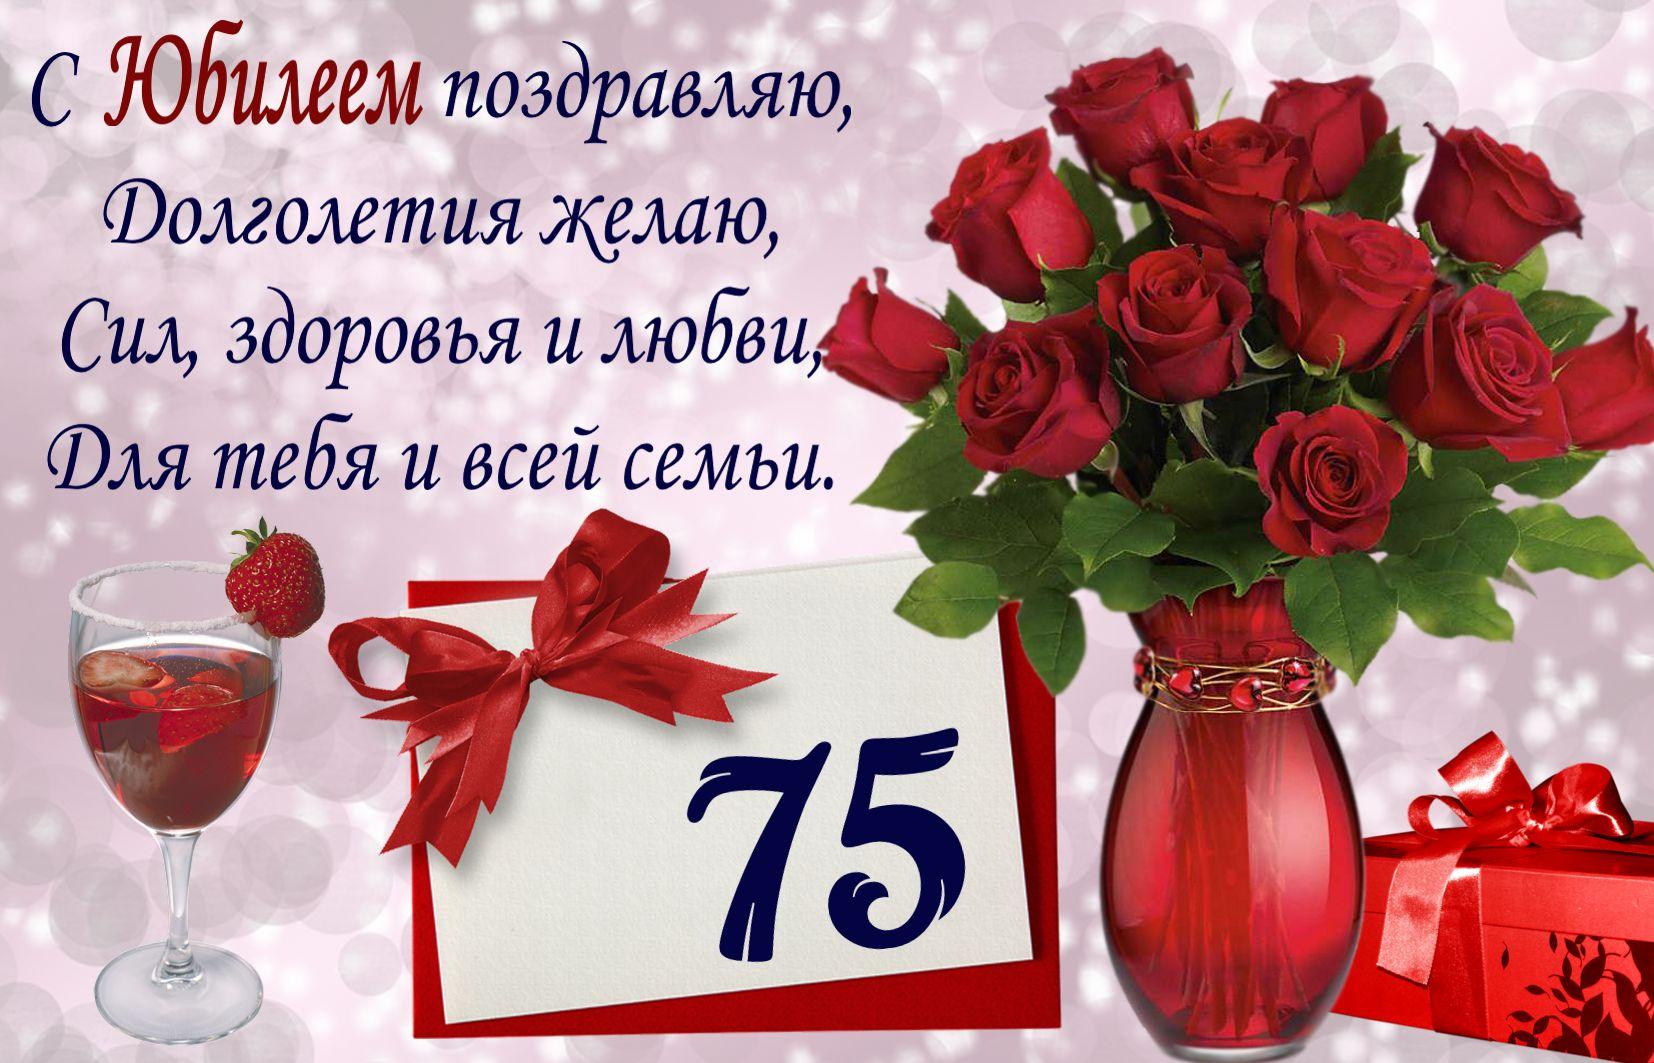 Поздравления с юбилеем 45 лет женщине красивые короткие 43